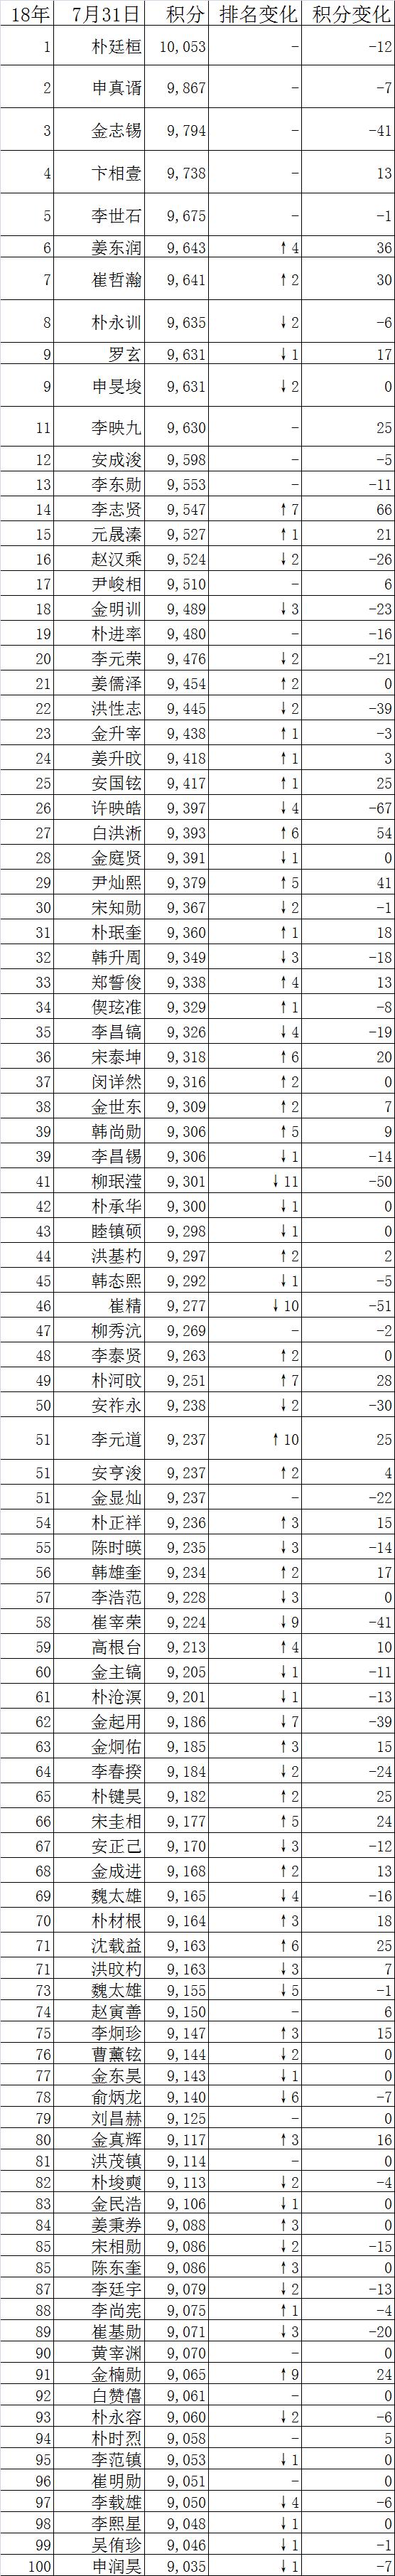 """朴廷桓为第3位""""10亿棋手"""" 申旻埈获农心杯外卡"""